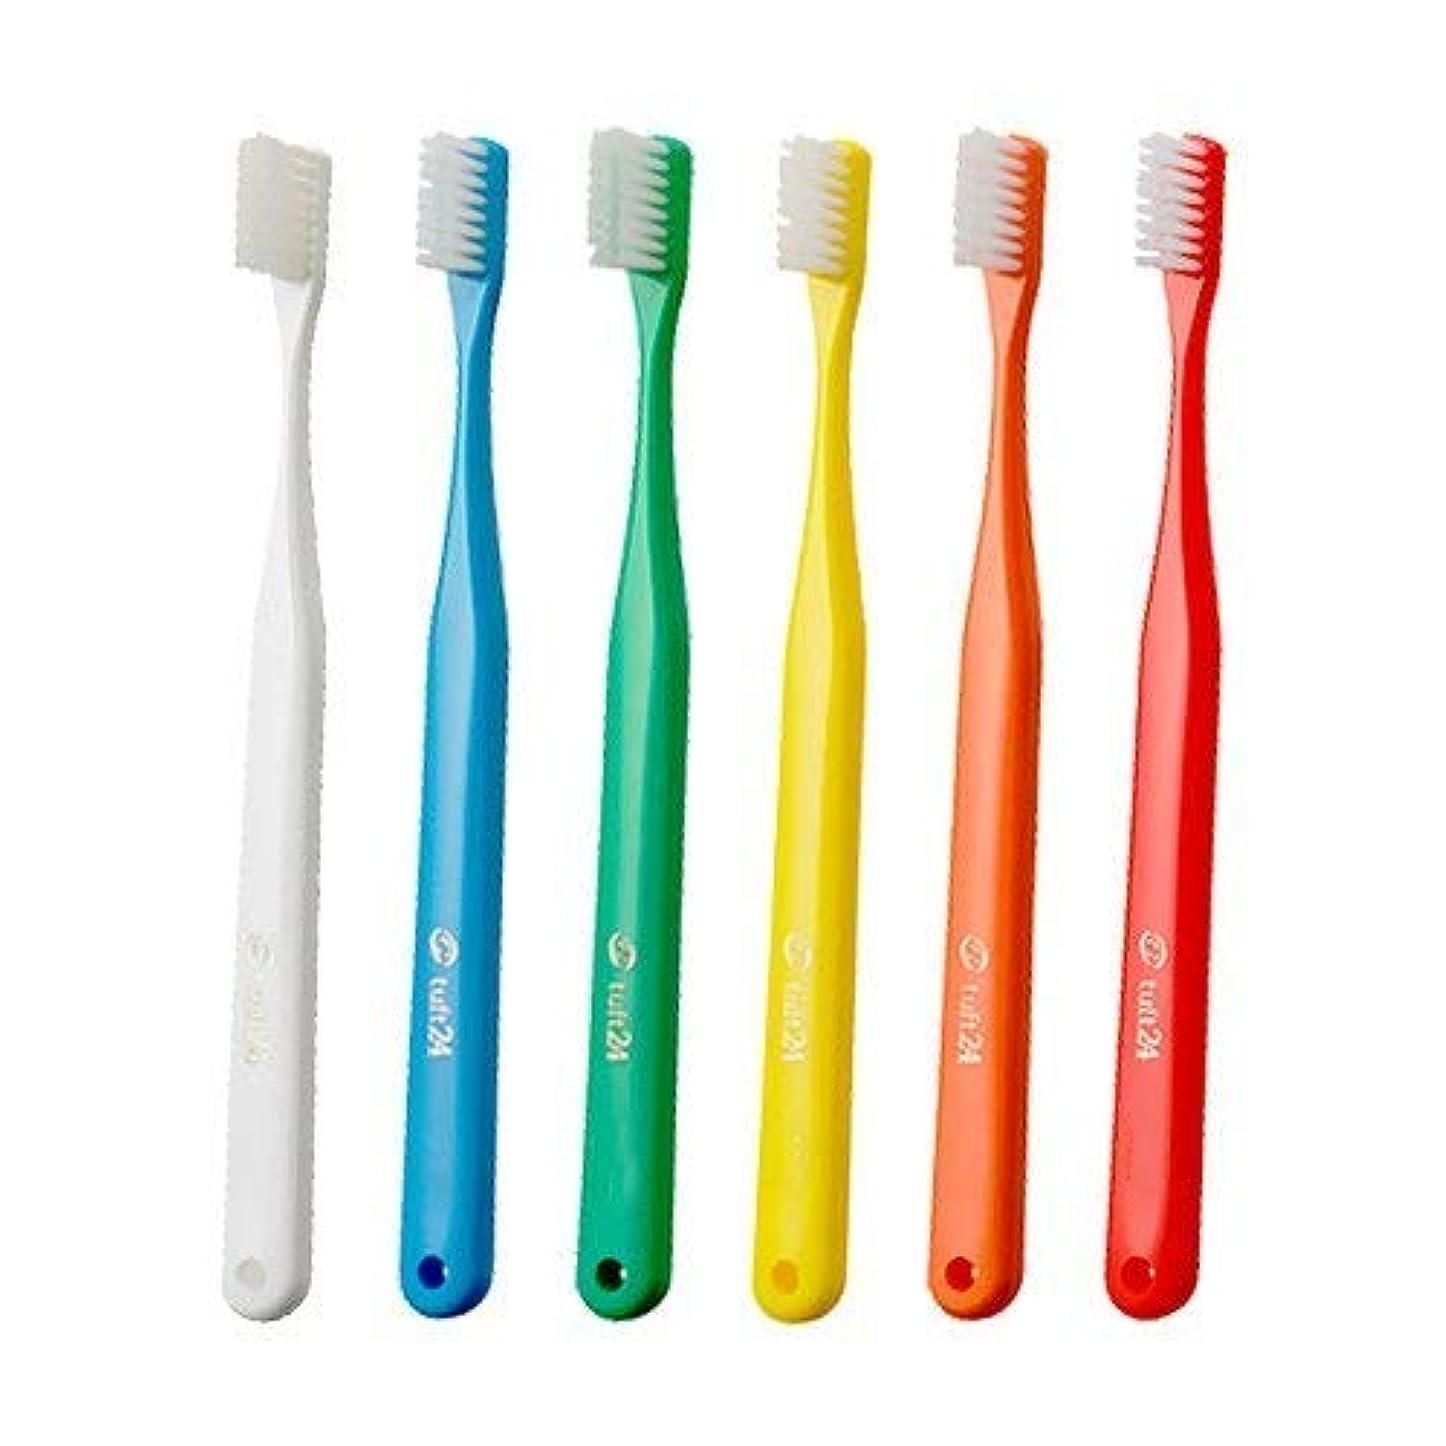 ホーム湿度乱れキャップなし タフト24 歯ブラシ × 25本入 MS アソート